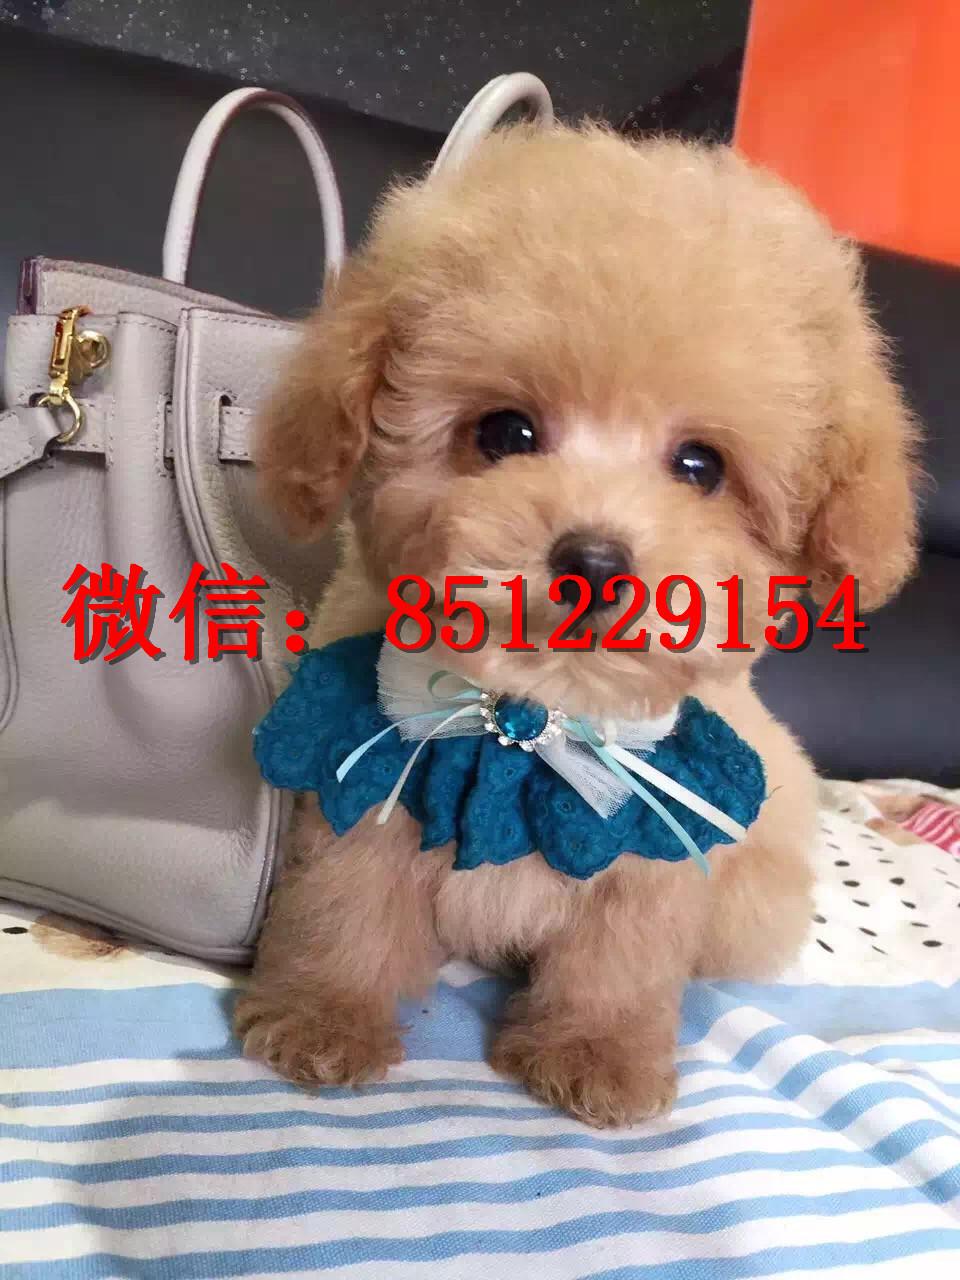 葫芦岛黑色泰迪熊出售,棕色泰迪犬多少钱,茶杯泰迪幼犬图片